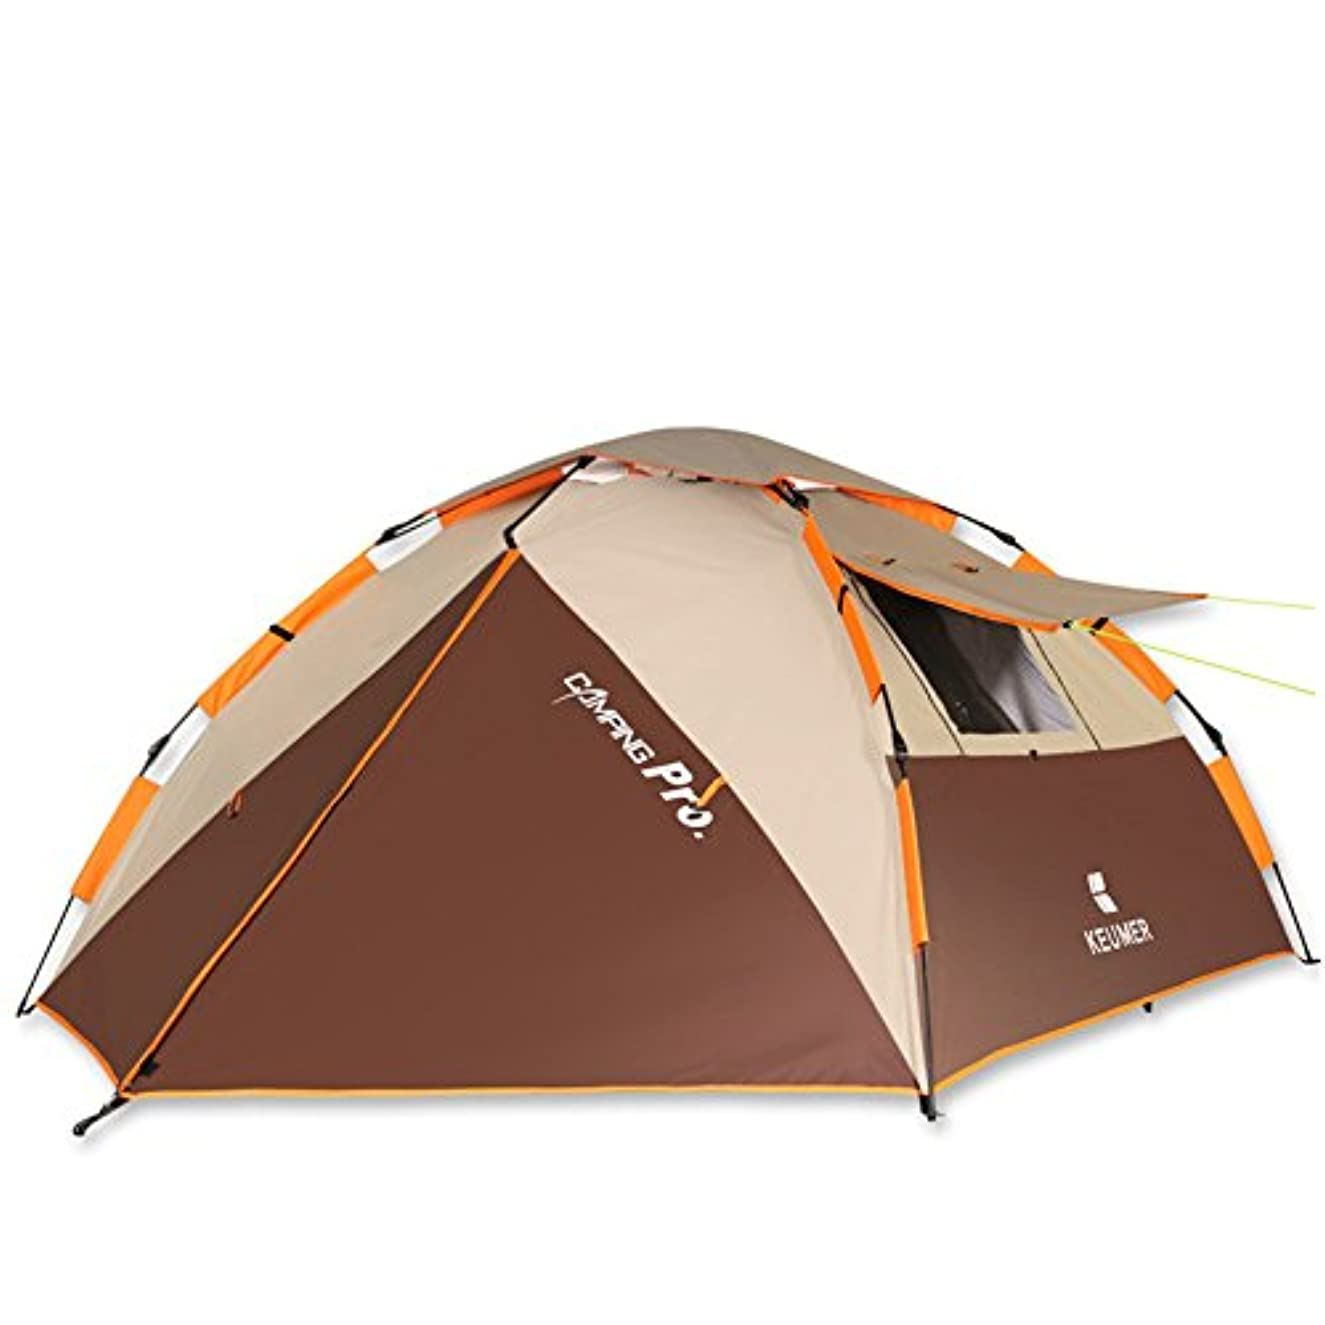 石鹸迷惑経営者Okiiting 屋外の自動テント自動ポップアップキャンプテント防水技術冷却技術風の抵抗強い品質保証2-4人に適して うまく設計された